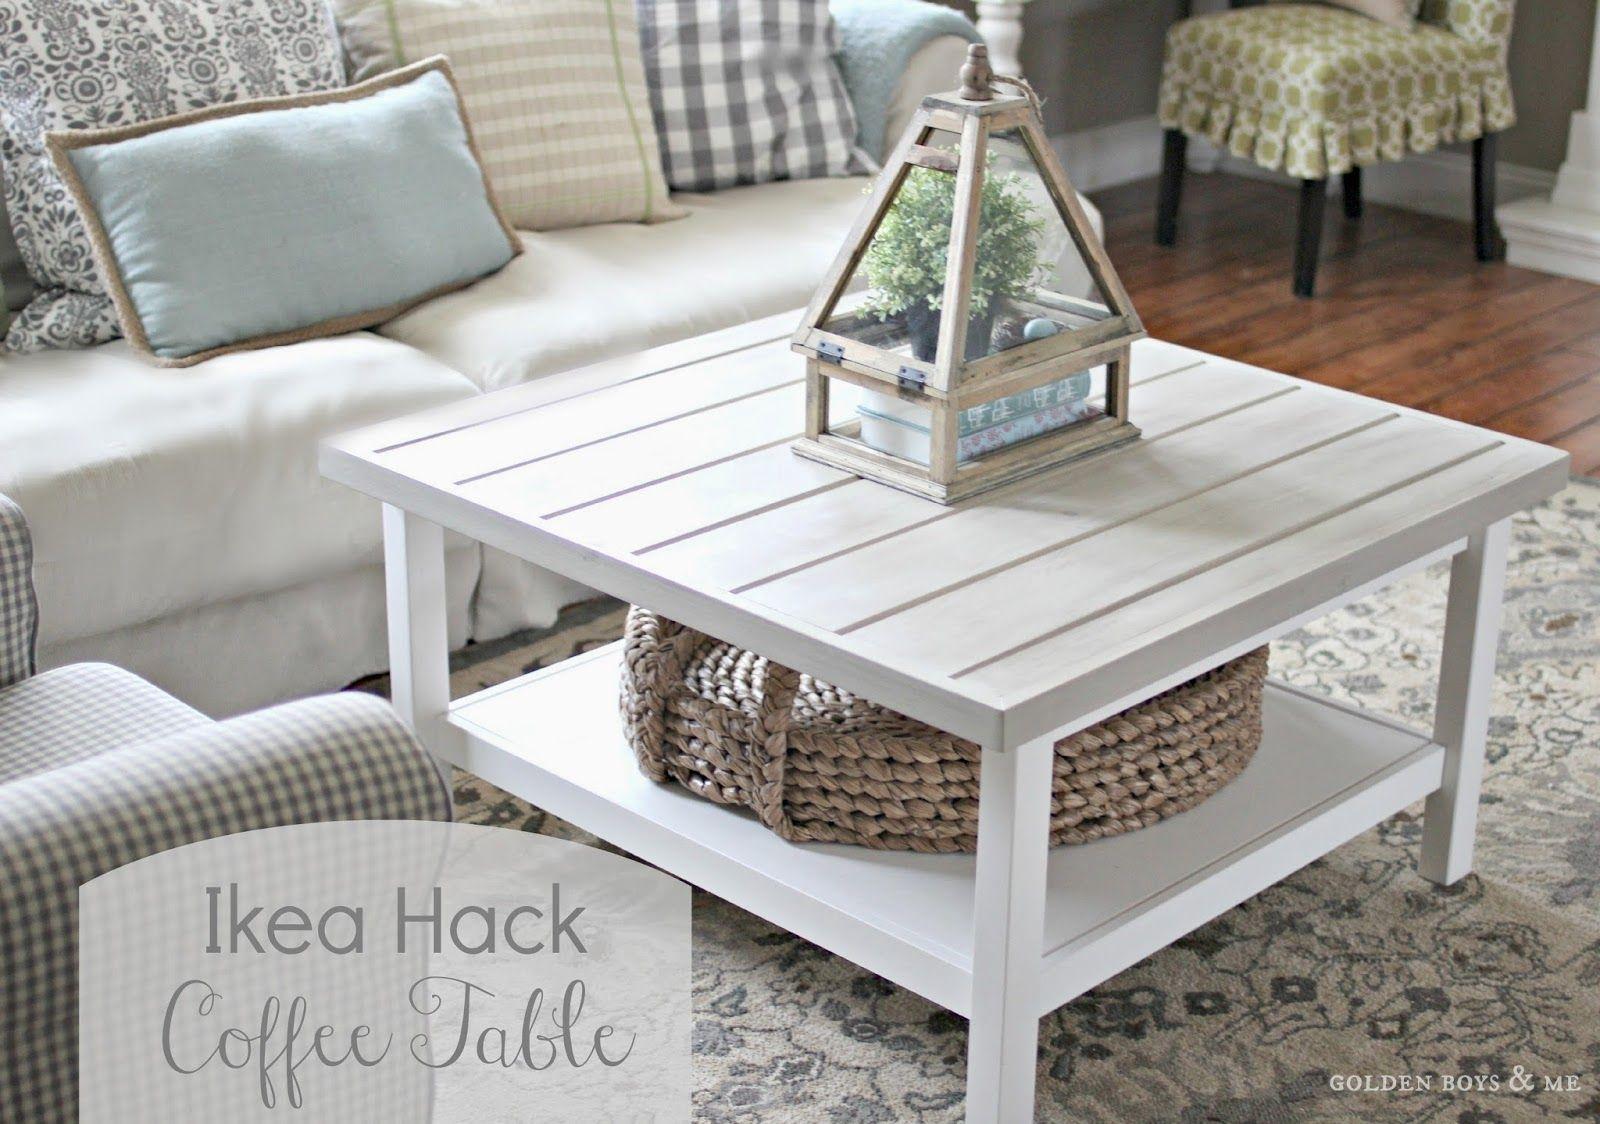 19 Tutorials To Upgrade Ikea Furniture Painted Furniture Ideas Ikea Couchtisch Wohnzimmertisch Ikea Couchtisch [ 1124 x 1600 Pixel ]